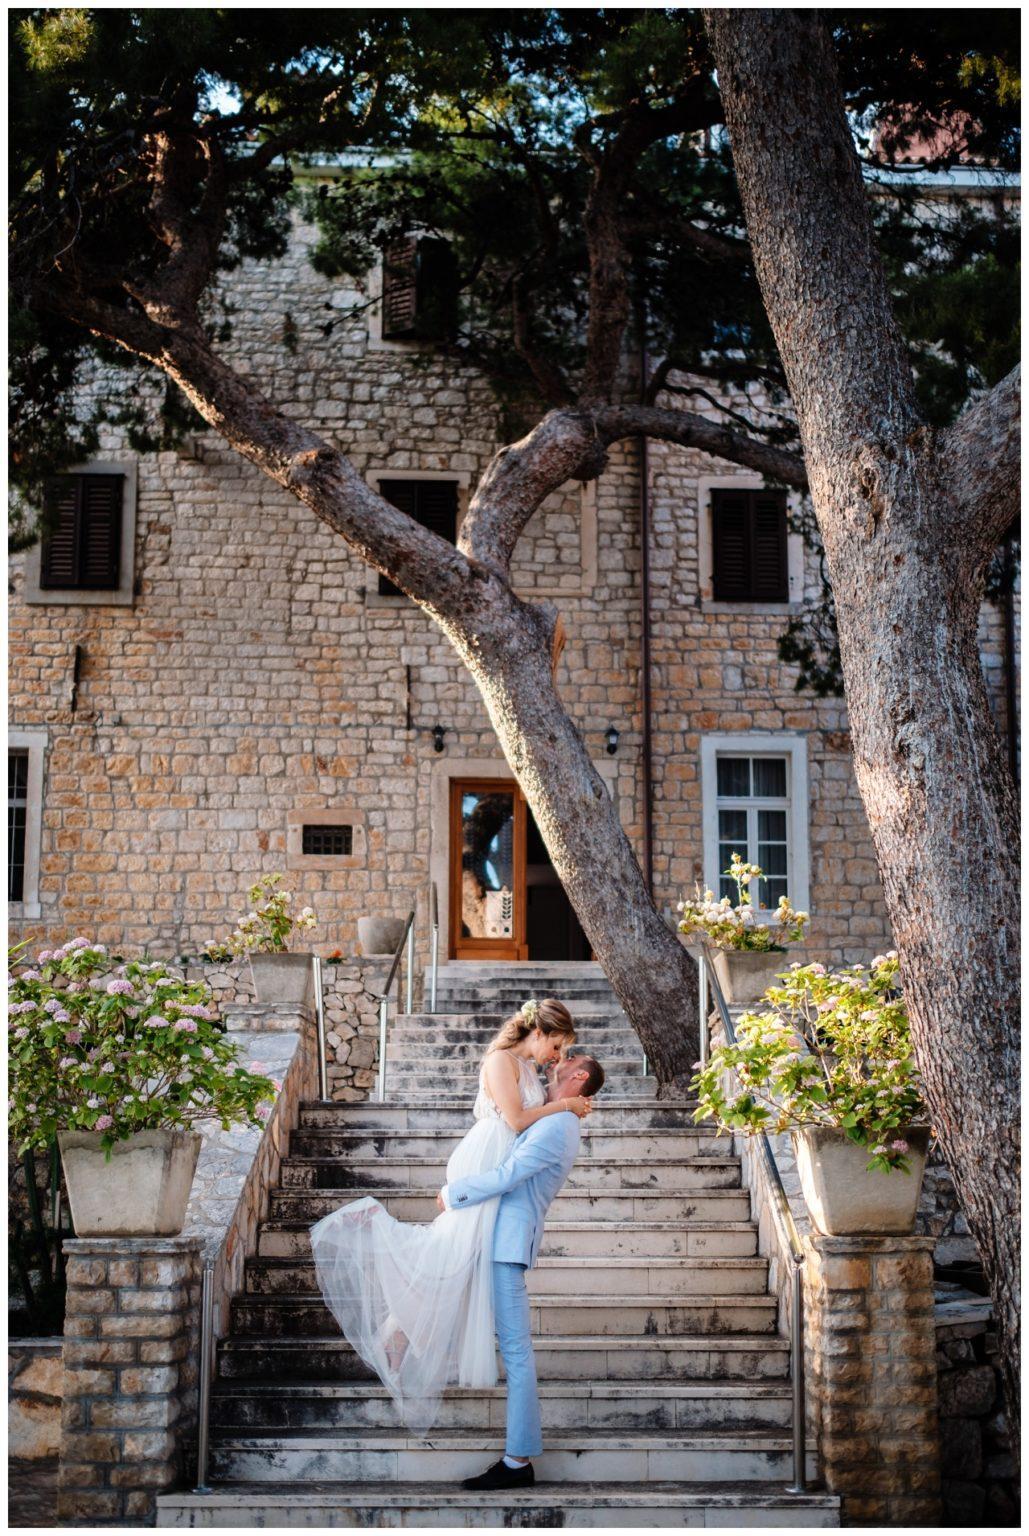 hochzeit brac inse boho heiraten kroatien hochzeitsplaner 50 - Glam Boho Hochzeit auf der Insel Brač